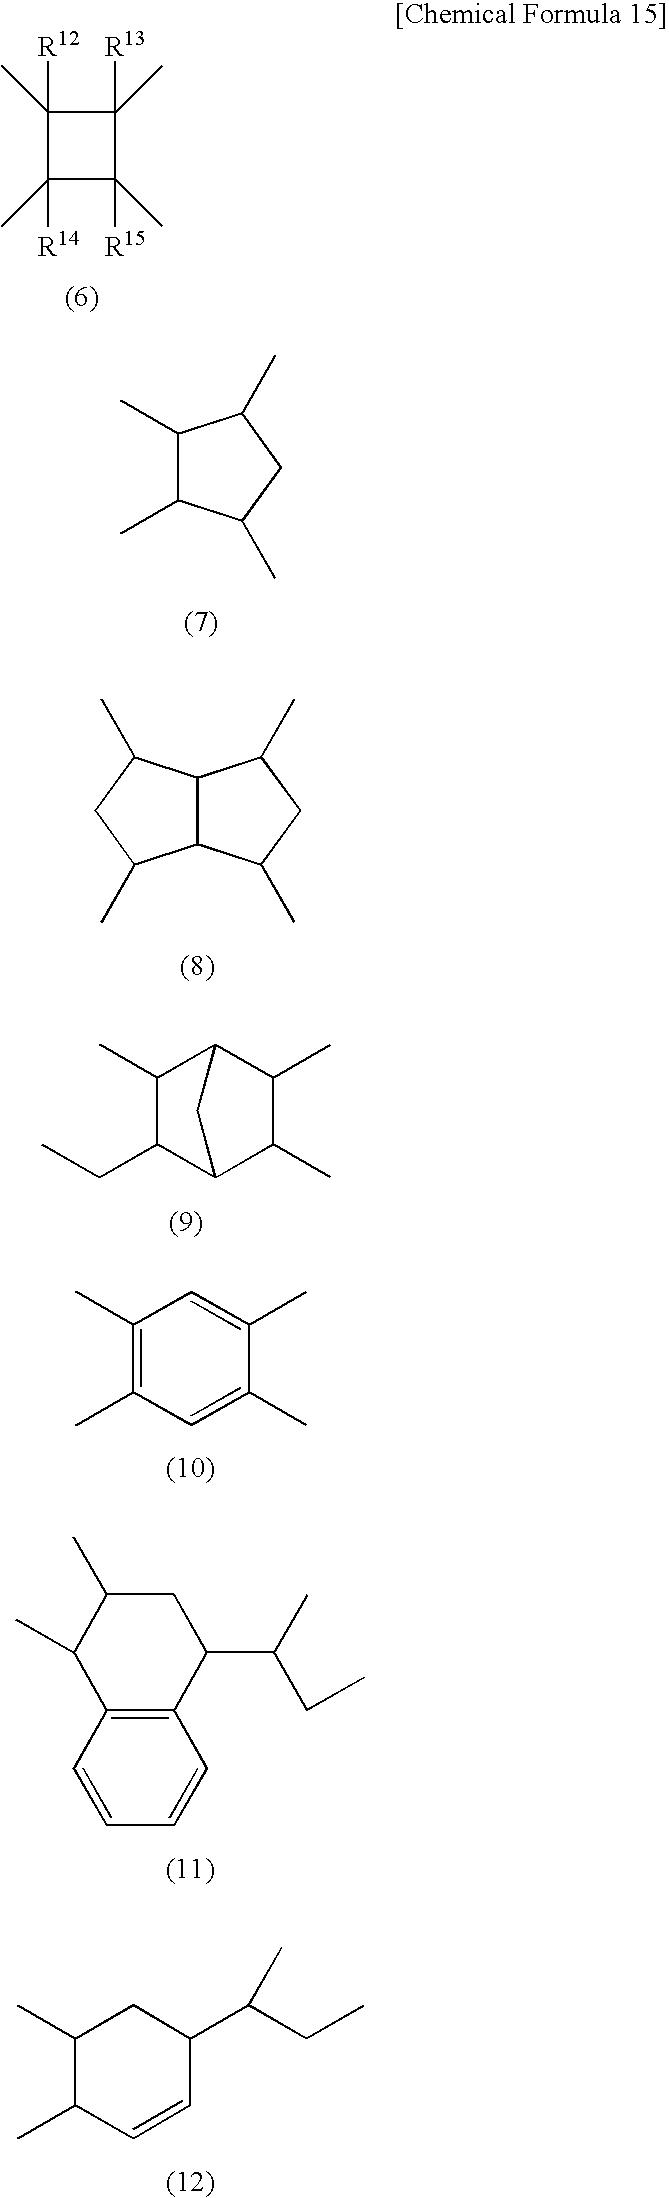 Figure US20070187672A1-20070816-C00015